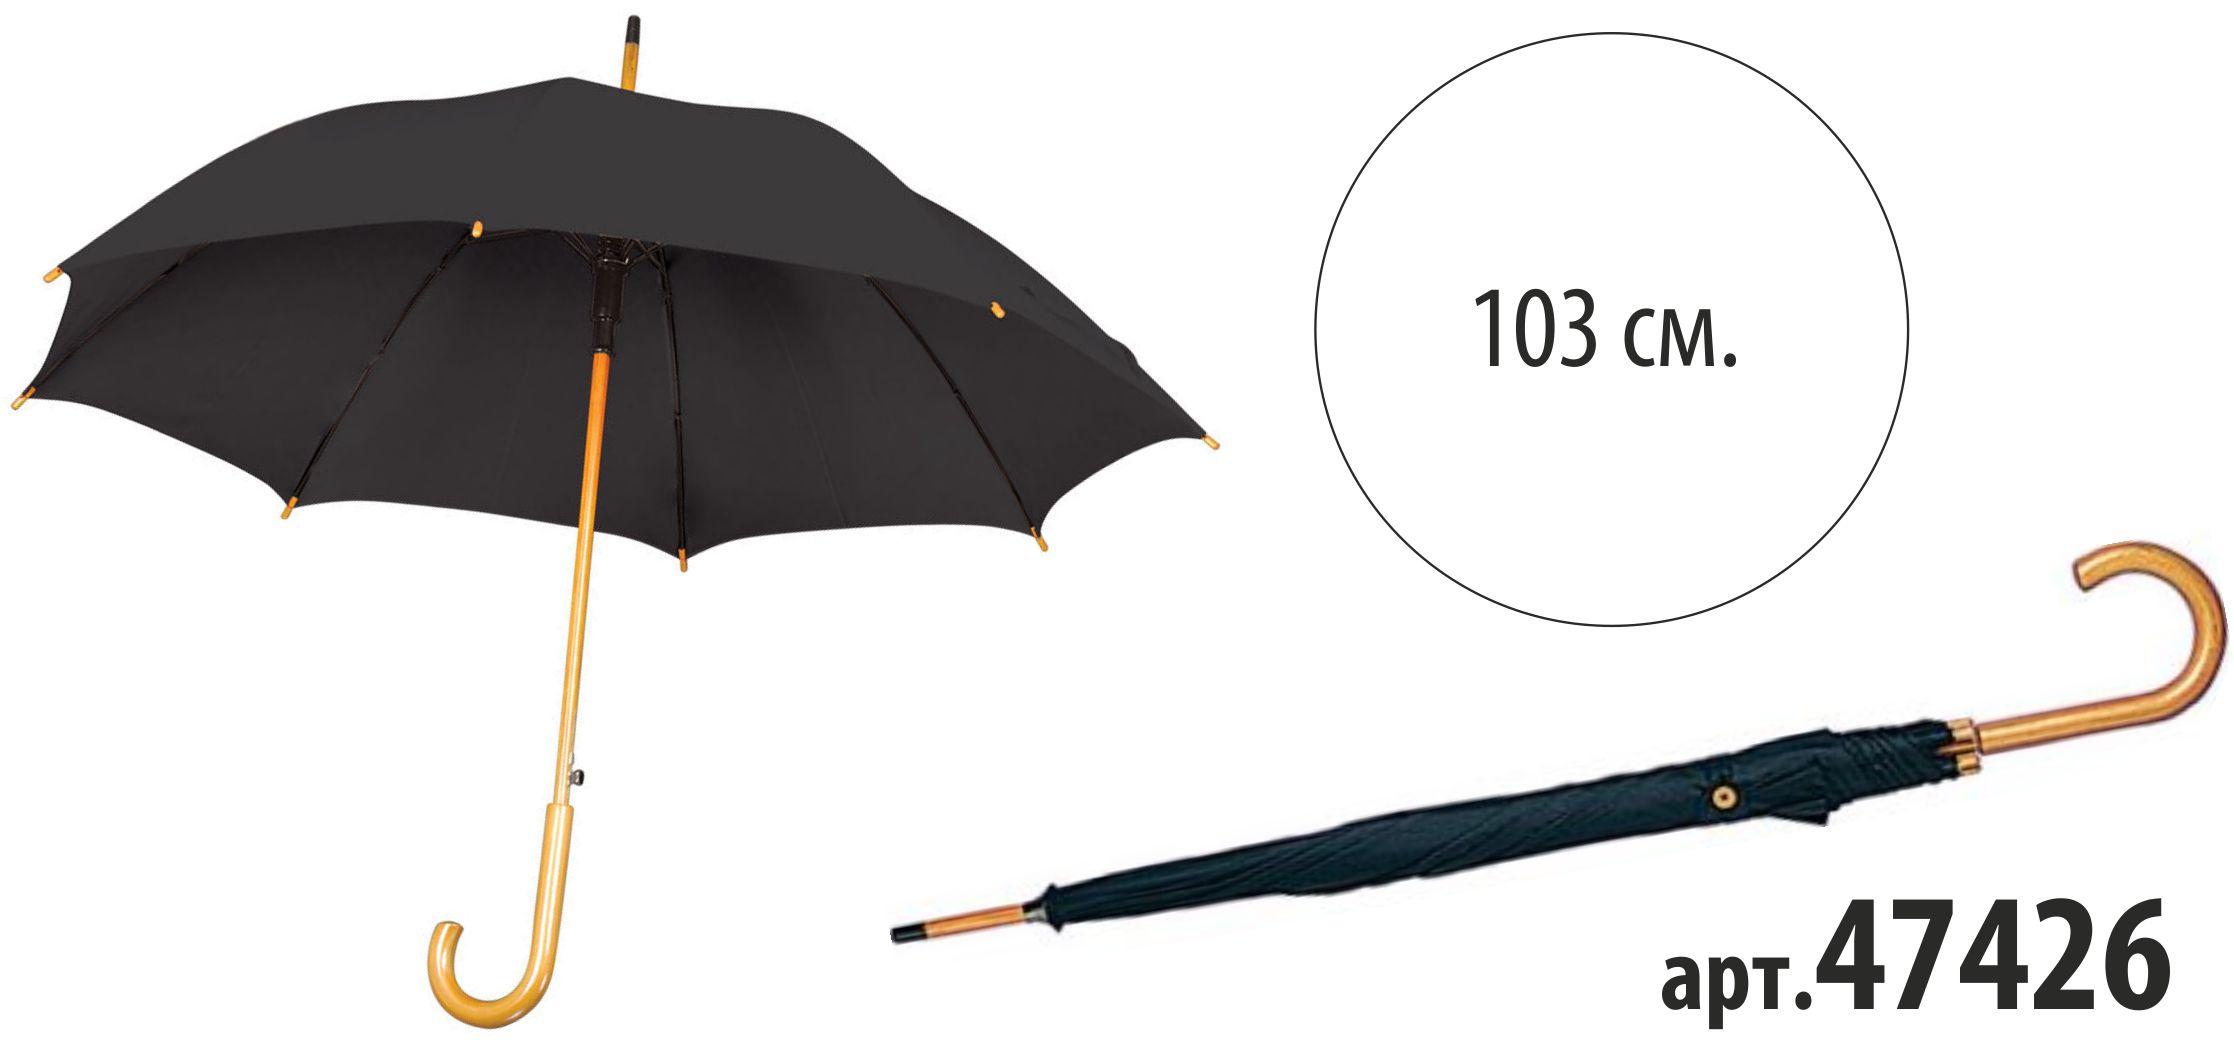 в компании Рекона вы можете заказать зонты оптом